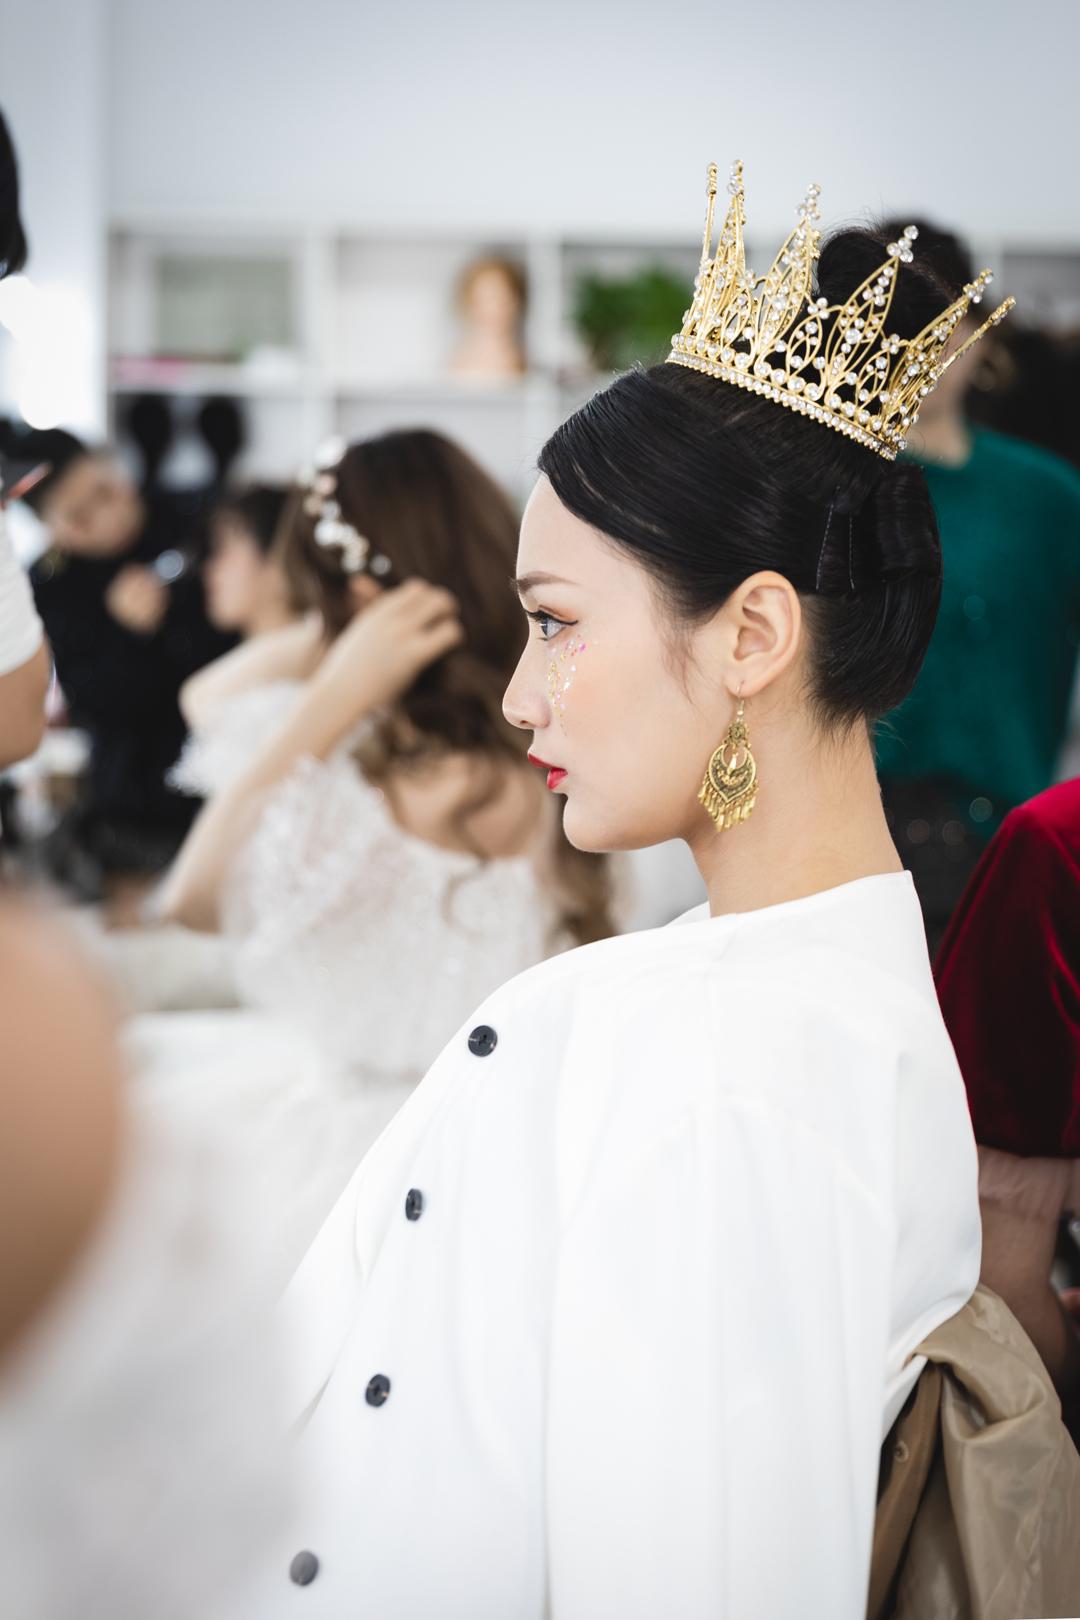 长沙哪里可以学影楼新娘化妆师